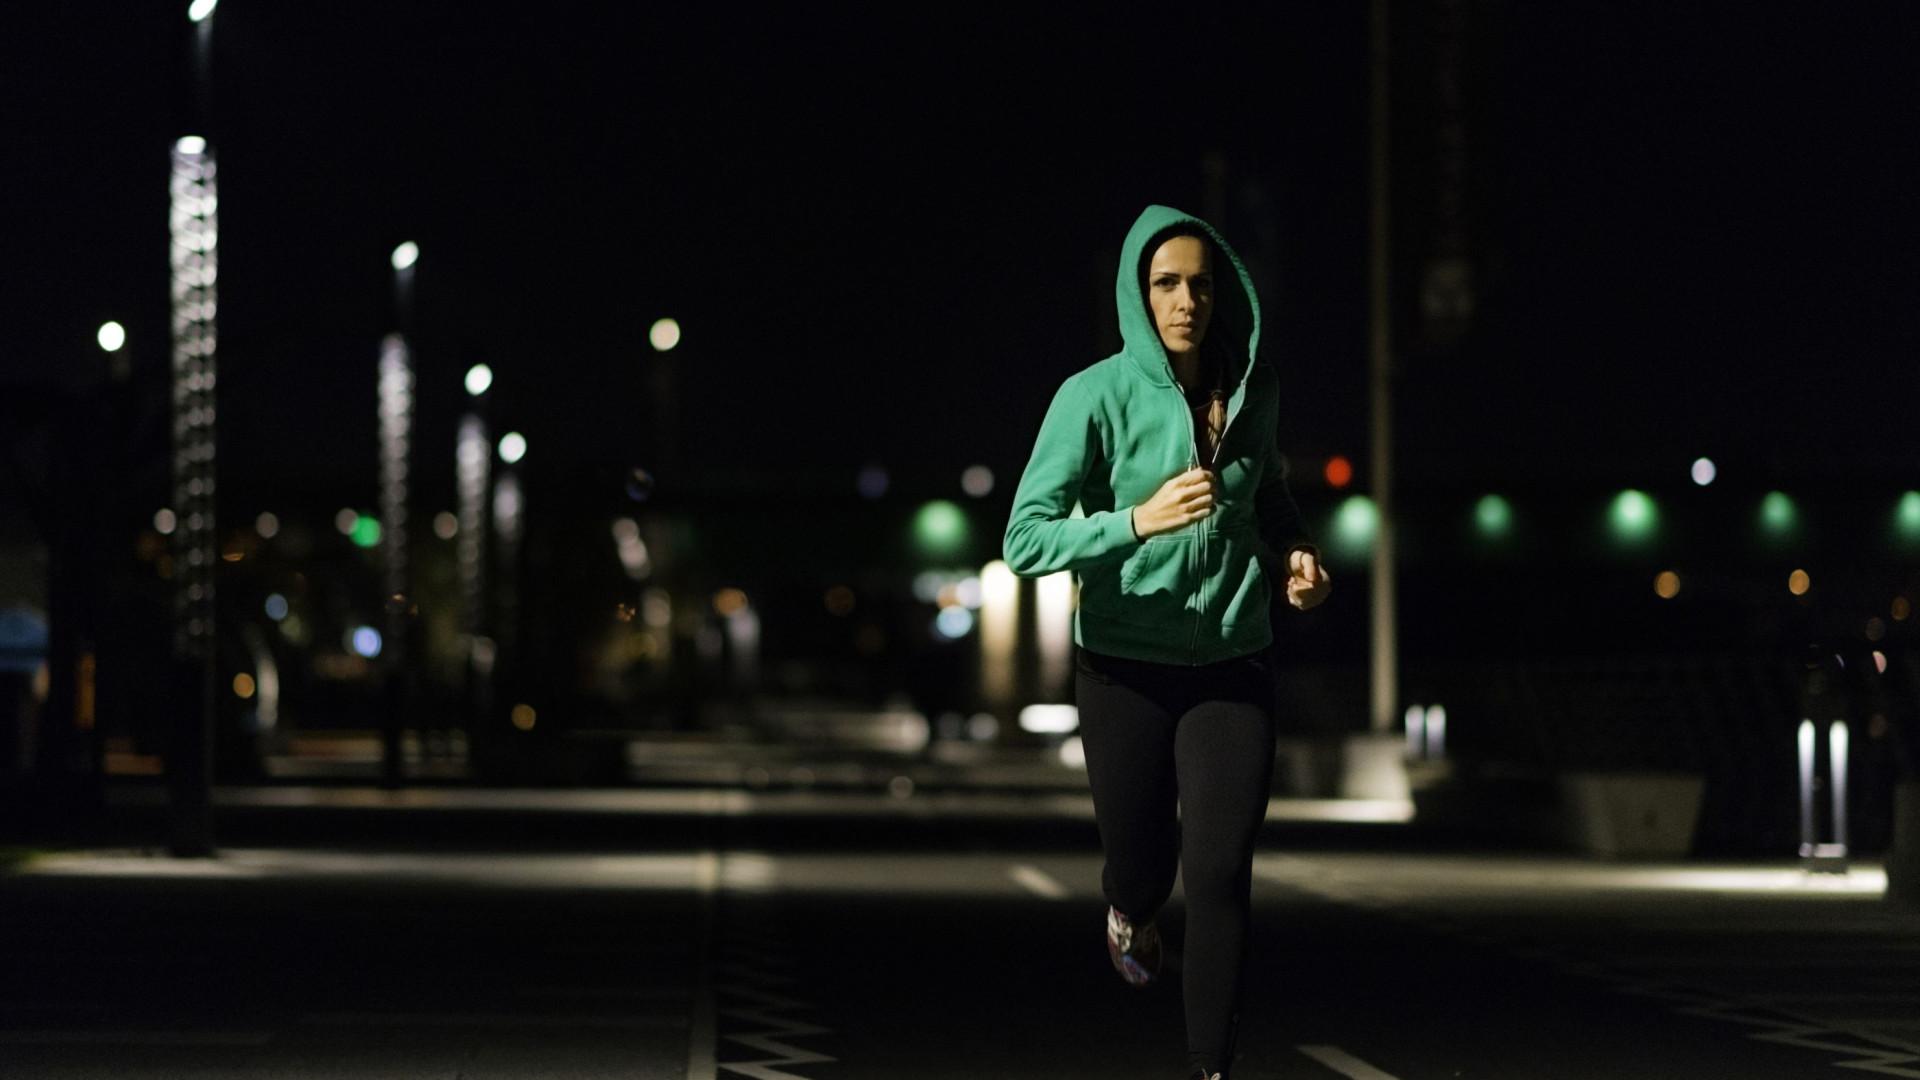 Sim, o treino ao final do dia interfere com o seu ciclo de sono